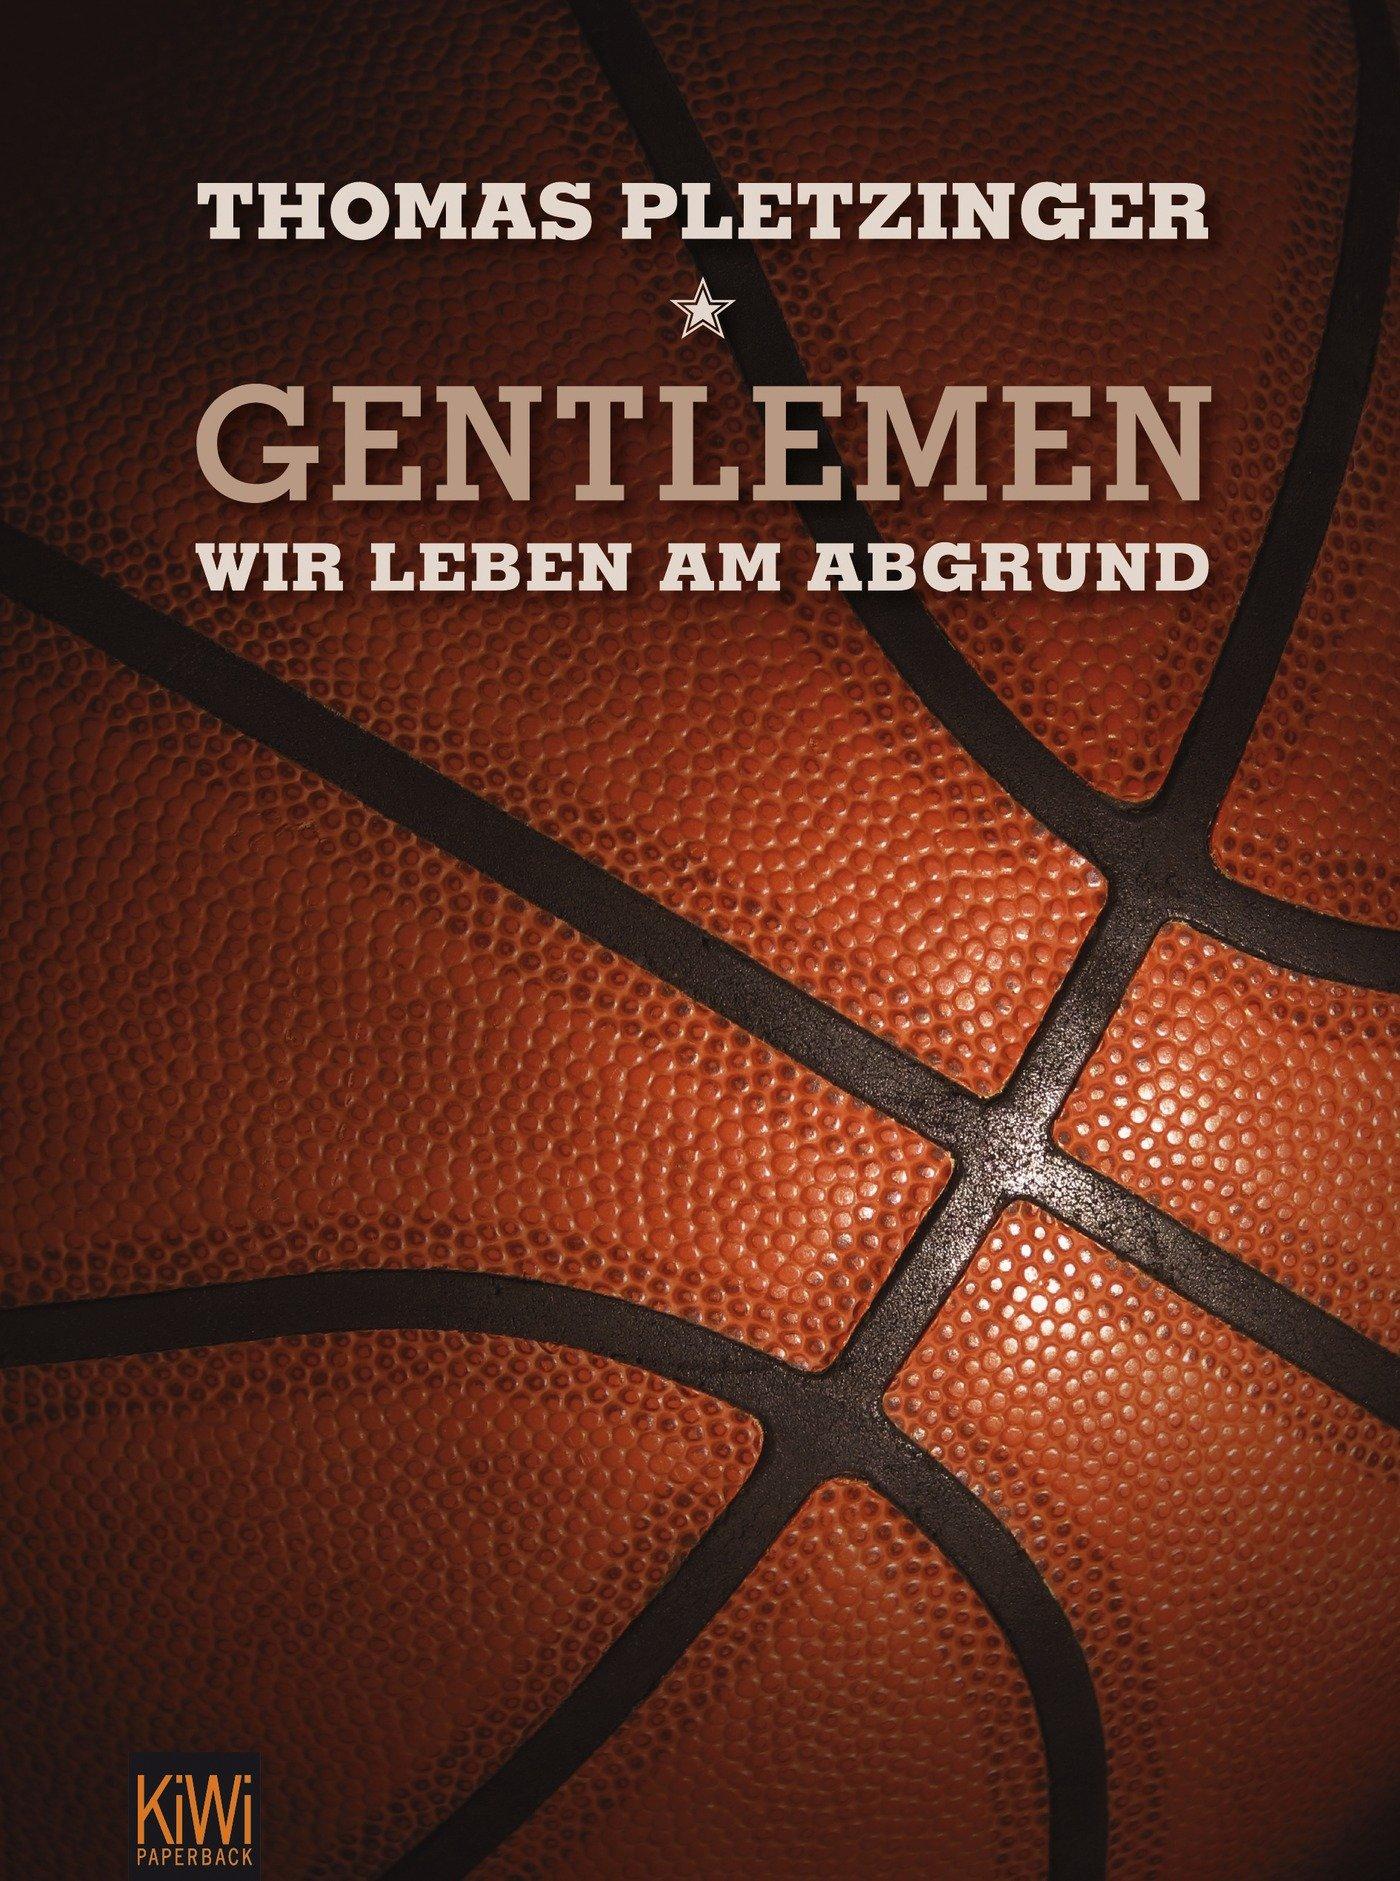 Gentlemen, wir leben am Abgrund: Eine Saison im deutschen Profi-Basketball Taschenbuch – 5. Januar 2012 Thomas Pletzinger KiWi-Taschenbuch 3462043692 Ballsport